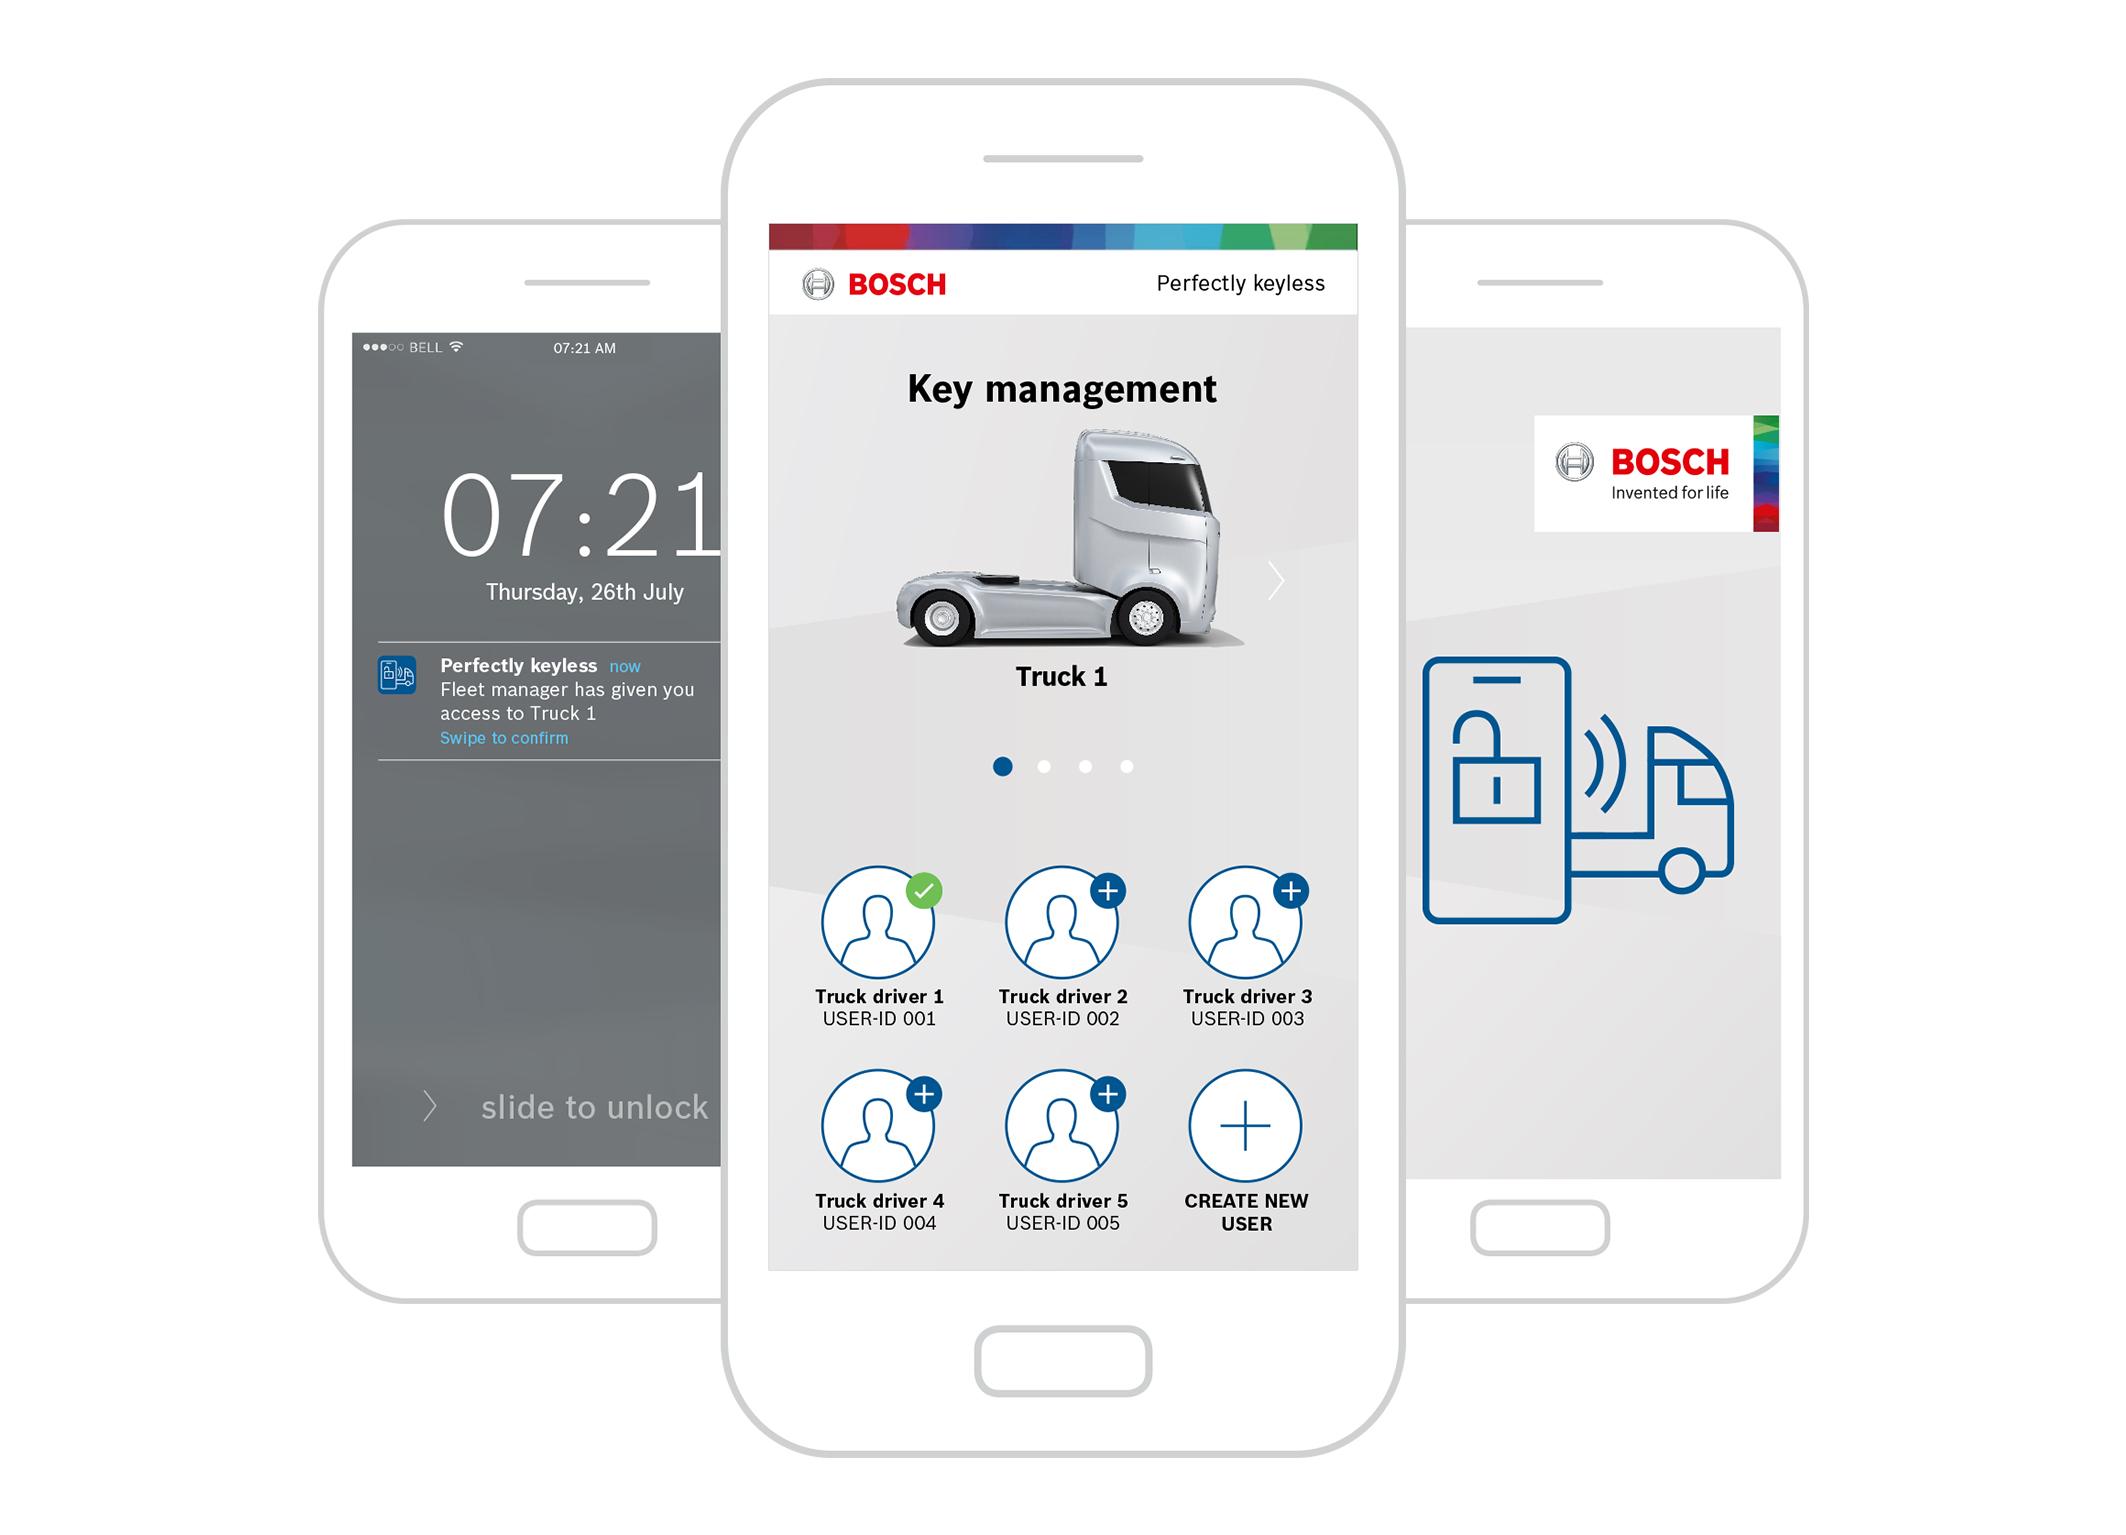 Stressfreies und sicheres Schlüsselmanagement per Smartphone